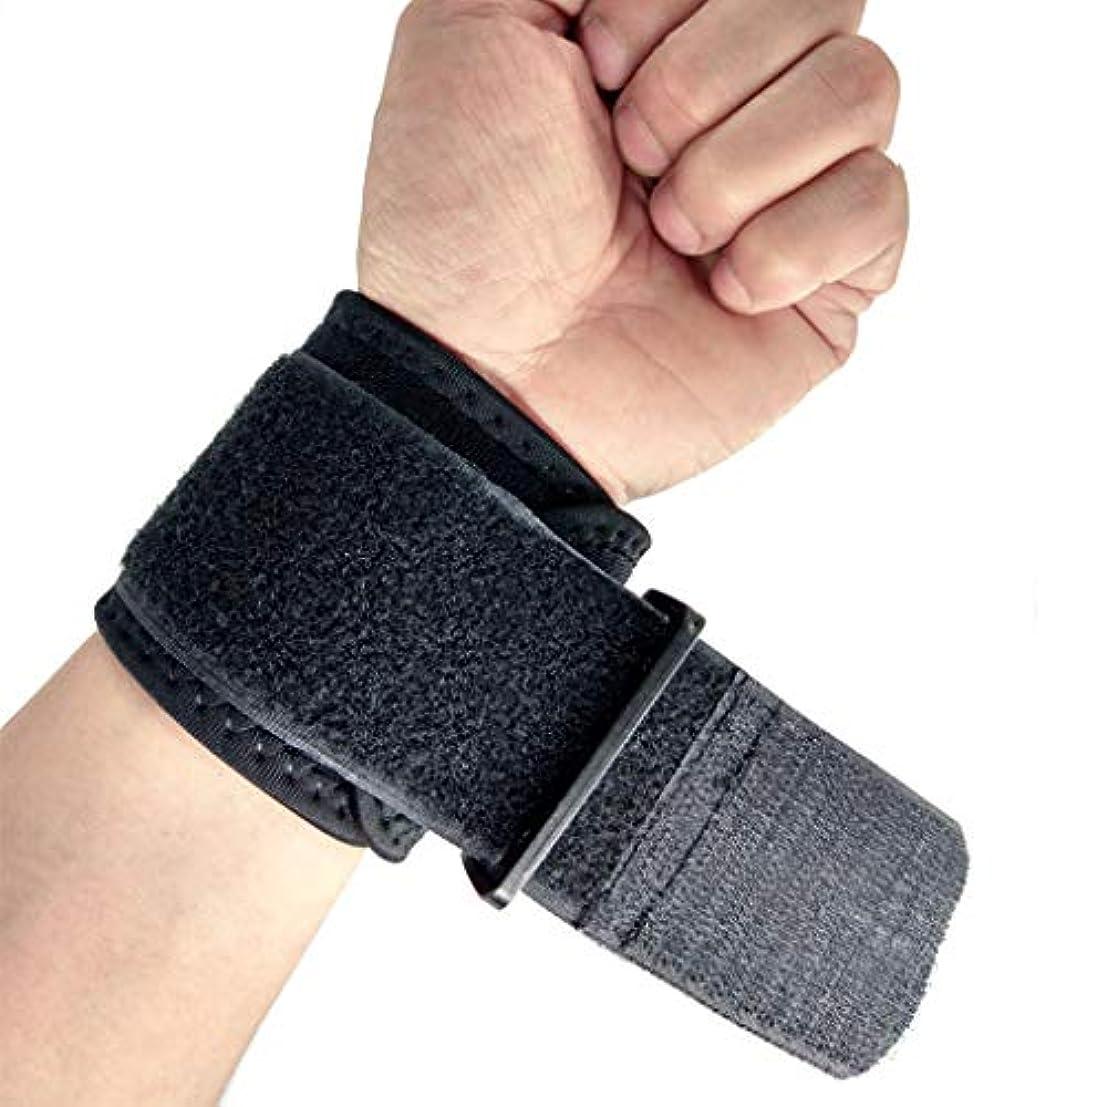 無限世界的に超高層ビルリストストラップの緩衝圧力;ハンドサポート加圧巻線;スポーツ用保護具、保護用暖かさ、マウスの手、母の手に適して